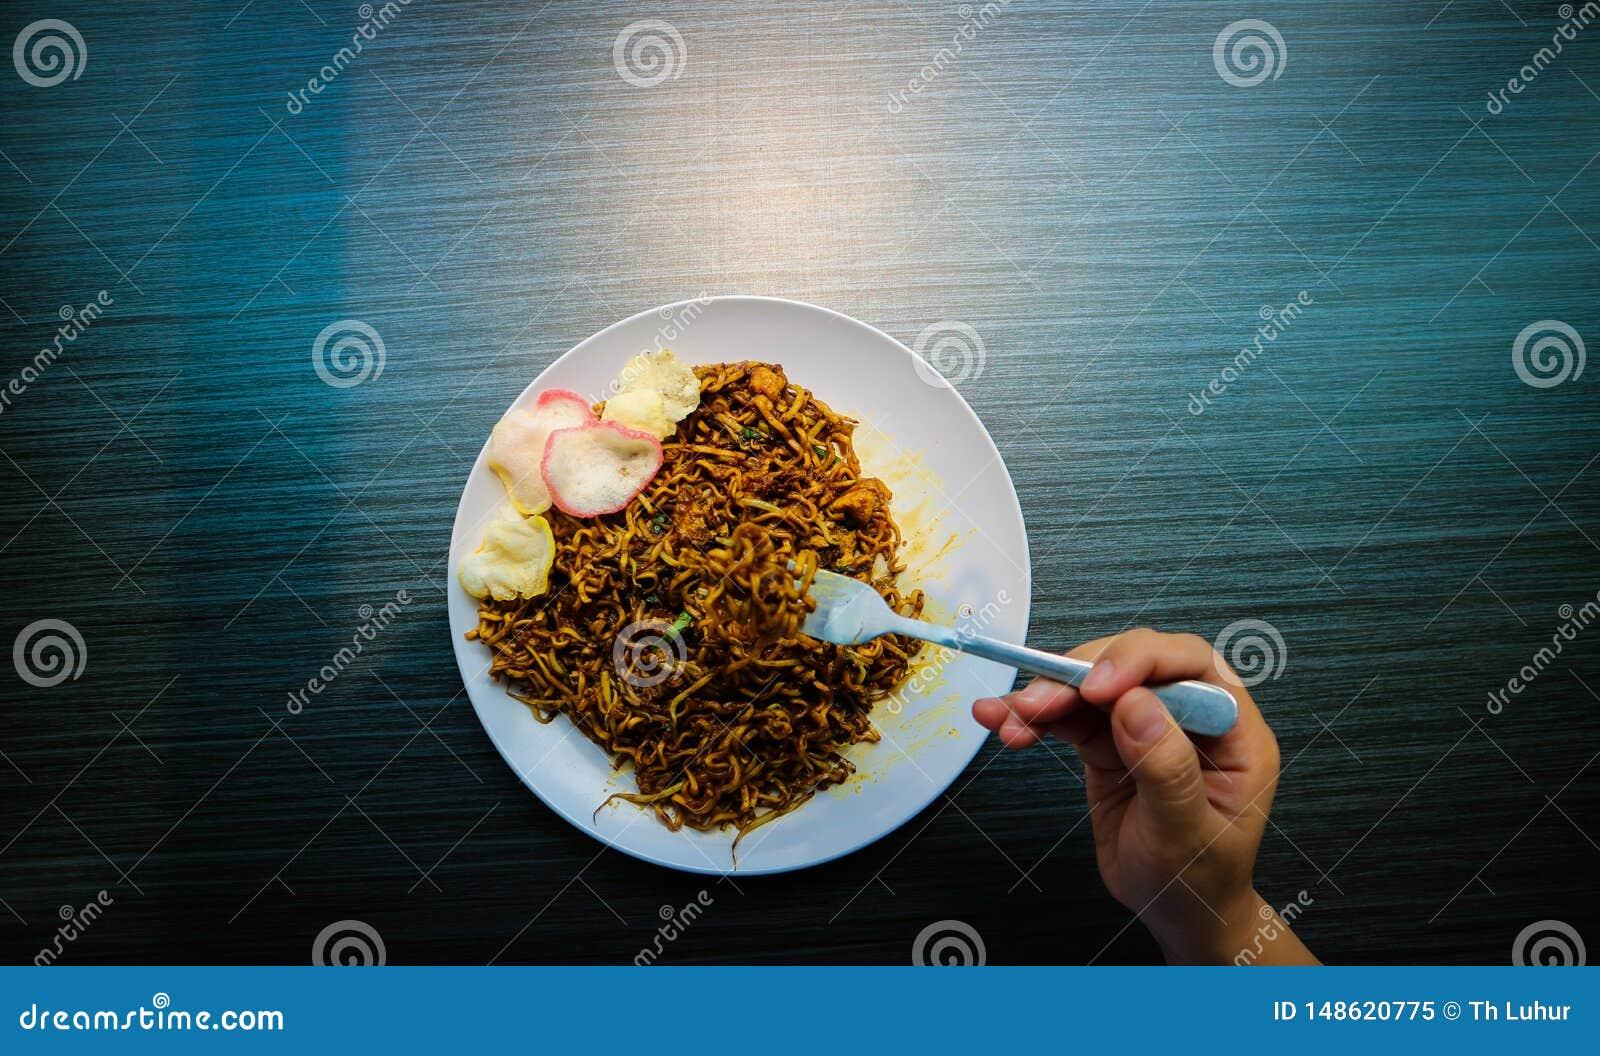 Τα πικάντικα της Ιάβας τηγανισμένα νουντλς είναι χαρακτηριστικά της Ινδονησίας με τις κροτίδες